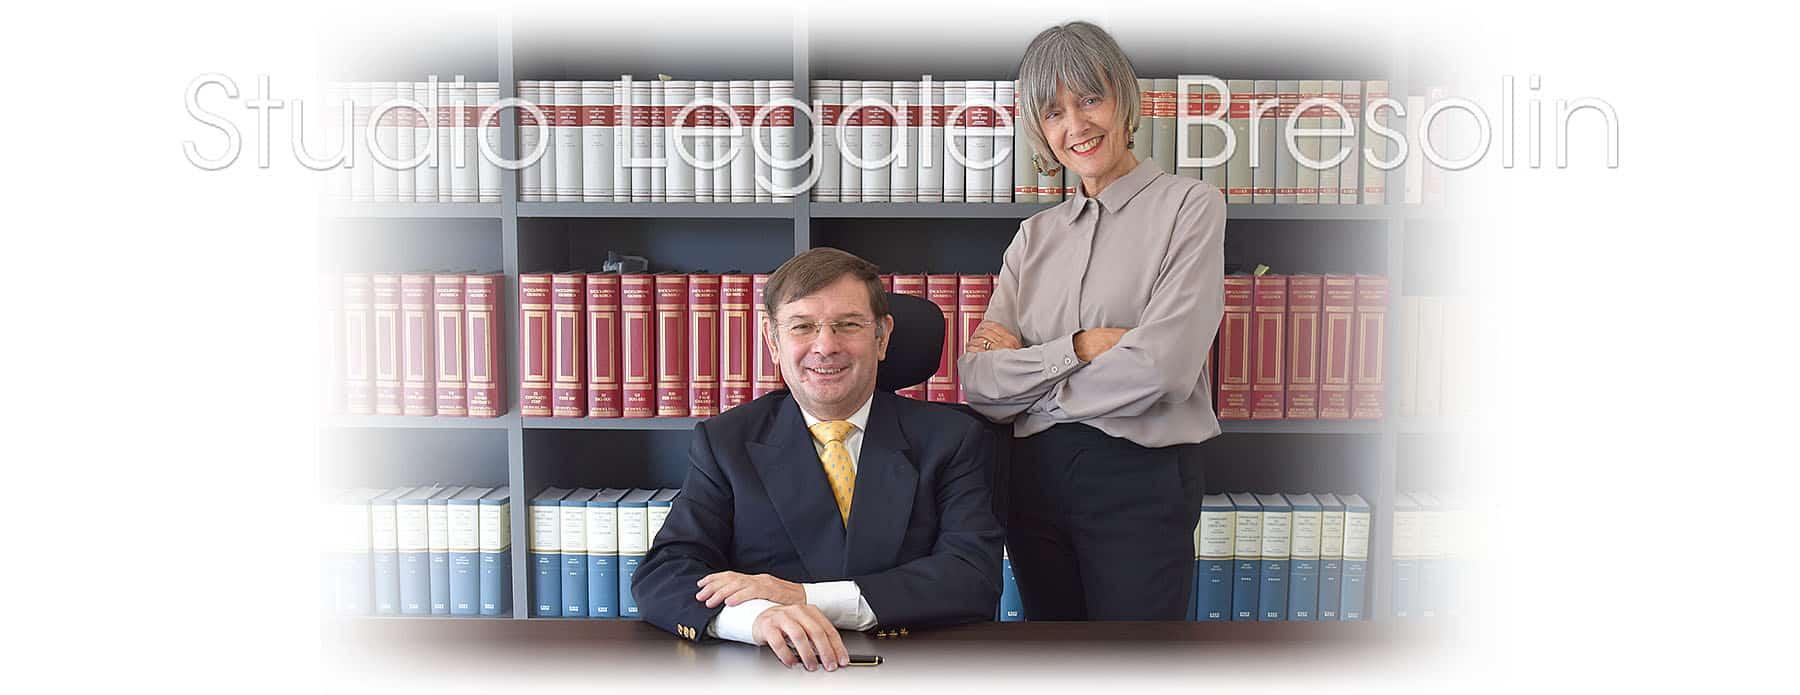 Studio Legale Bresolin Stevan Mussolente Vicenza Bassano